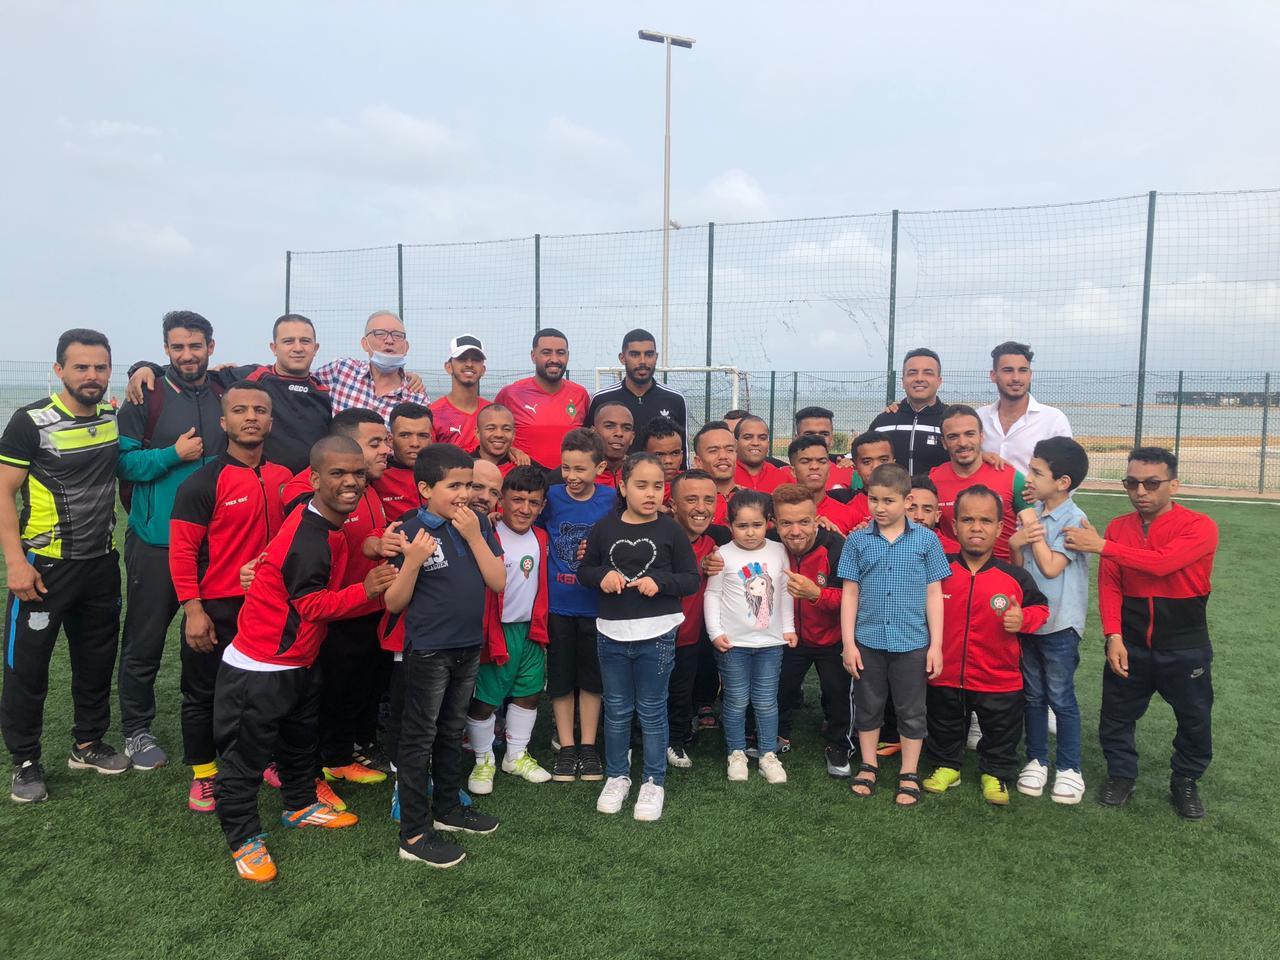 مربيات جمعية ايمن للتوحد في حلقة تكوينية واطفالها ضيوفا على المنتخب المغربي لكرة القدم لقصار القامة